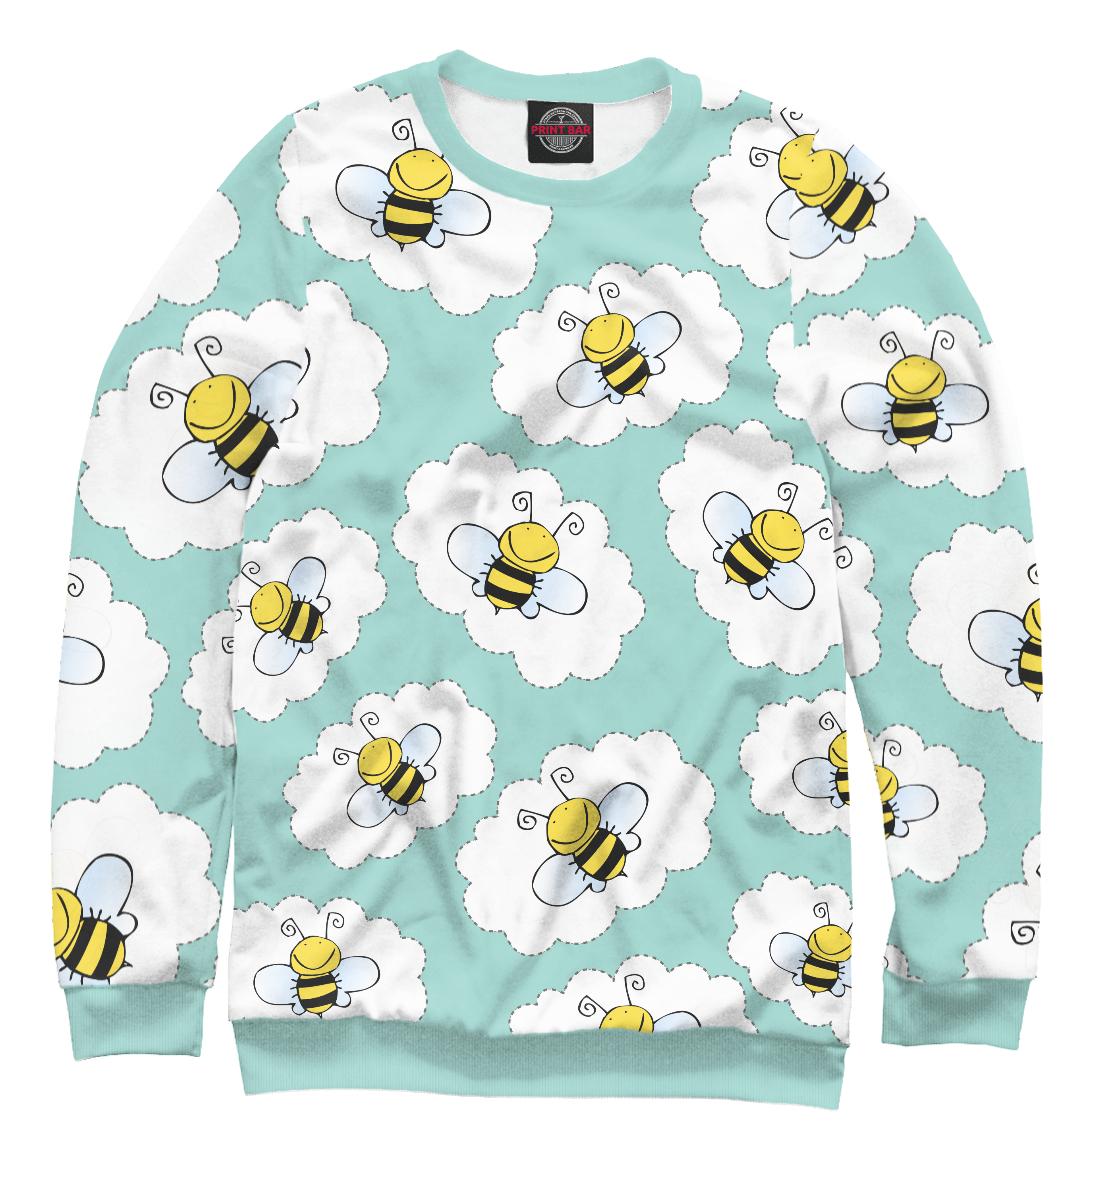 Милые пчелы, Printbar, Свитшоты, NAS-495821-swi-1  - купить со скидкой